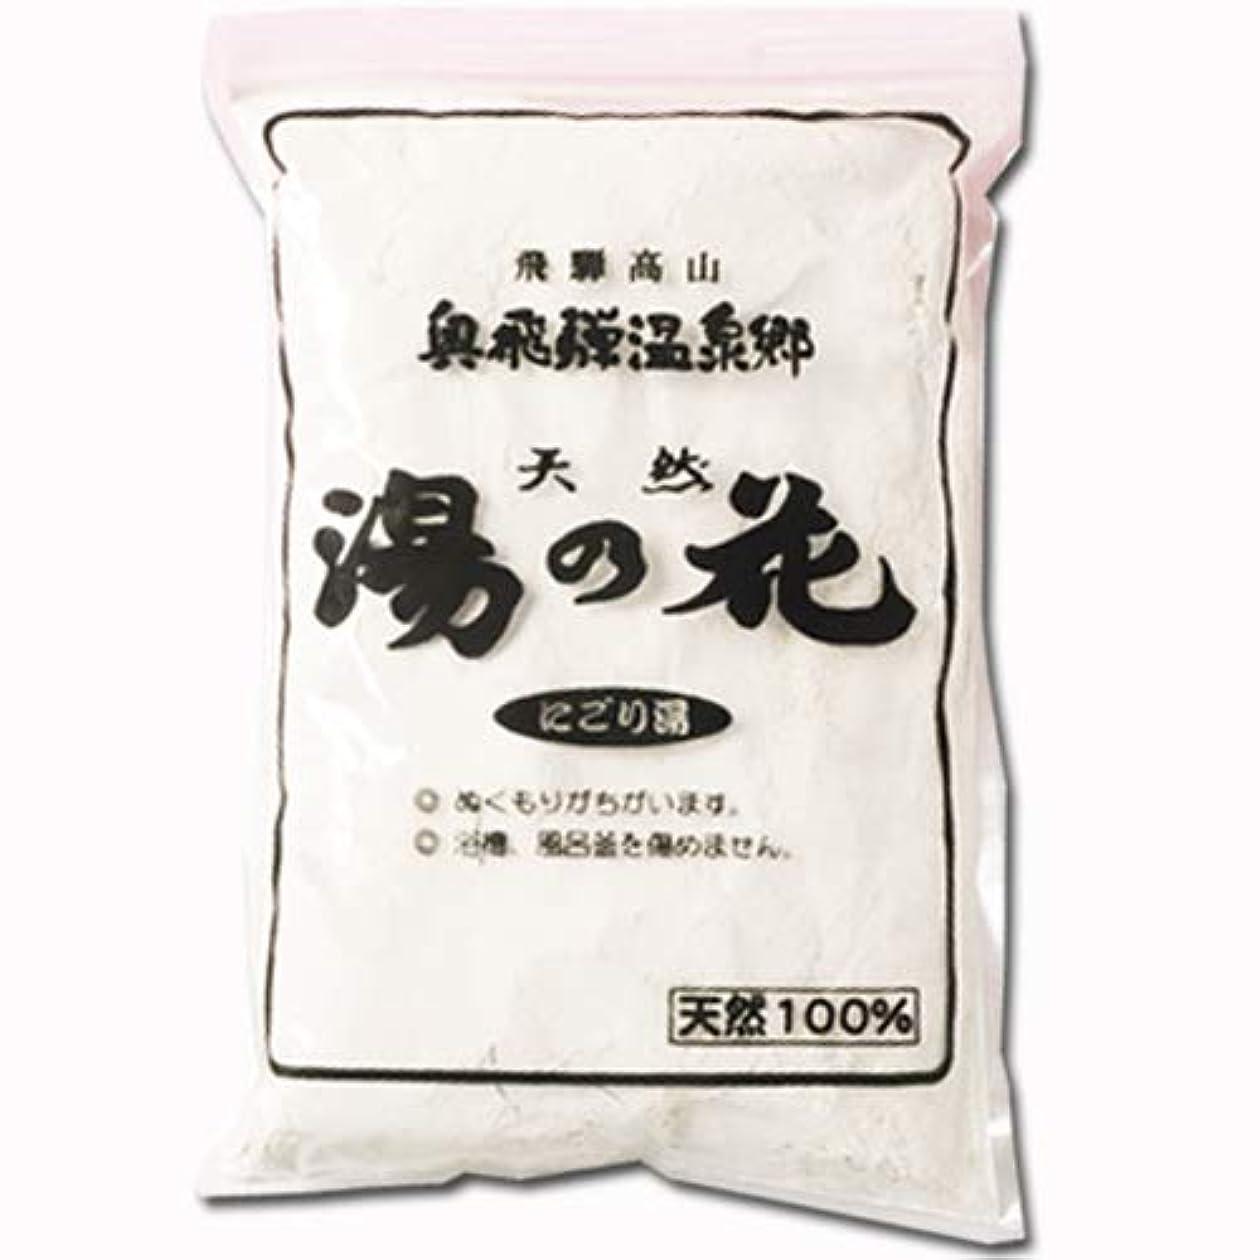 不屈銅ダーベビルのテス天然湯の花 (業務用) 1kg (飛騨高山温泉郷 にごり湯)